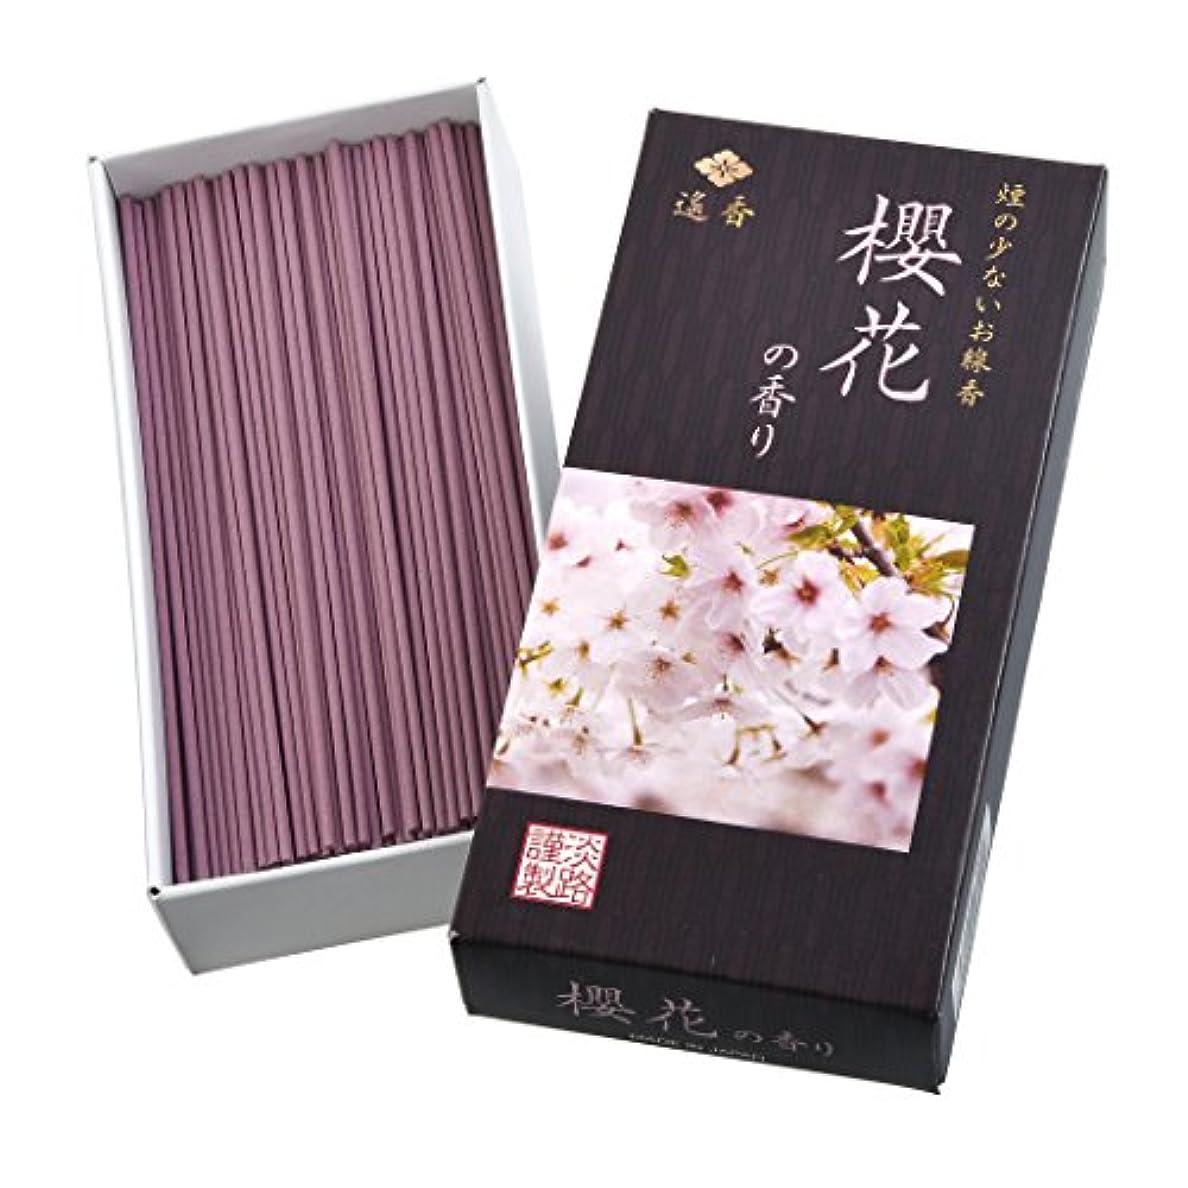 フェッチ誤解を招くグリル良生活 遙香 櫻花の香り